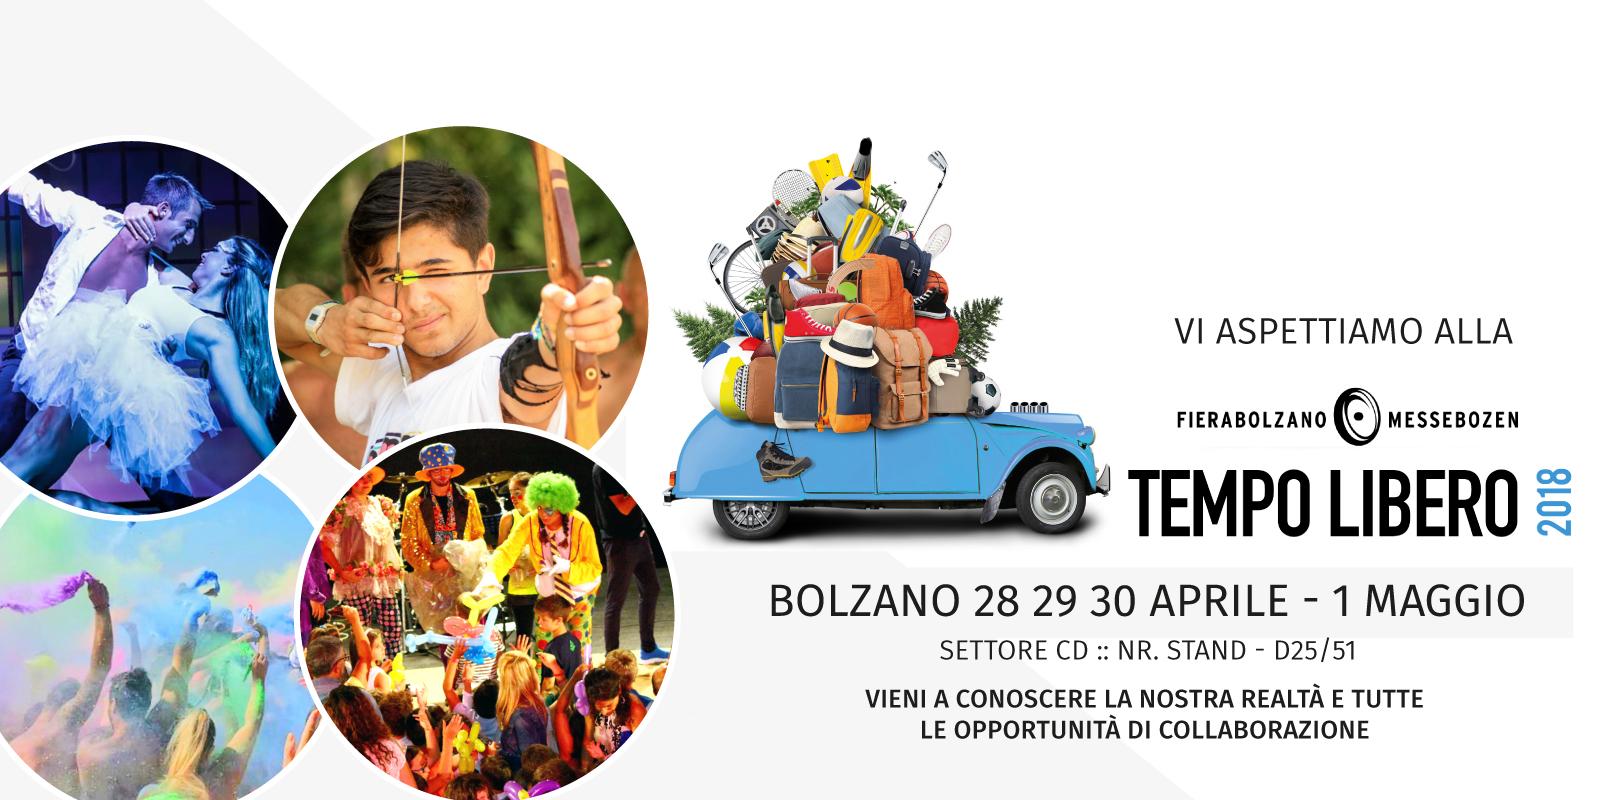 Esponiamo alla Fiera del Tempo Libero di Bolzano